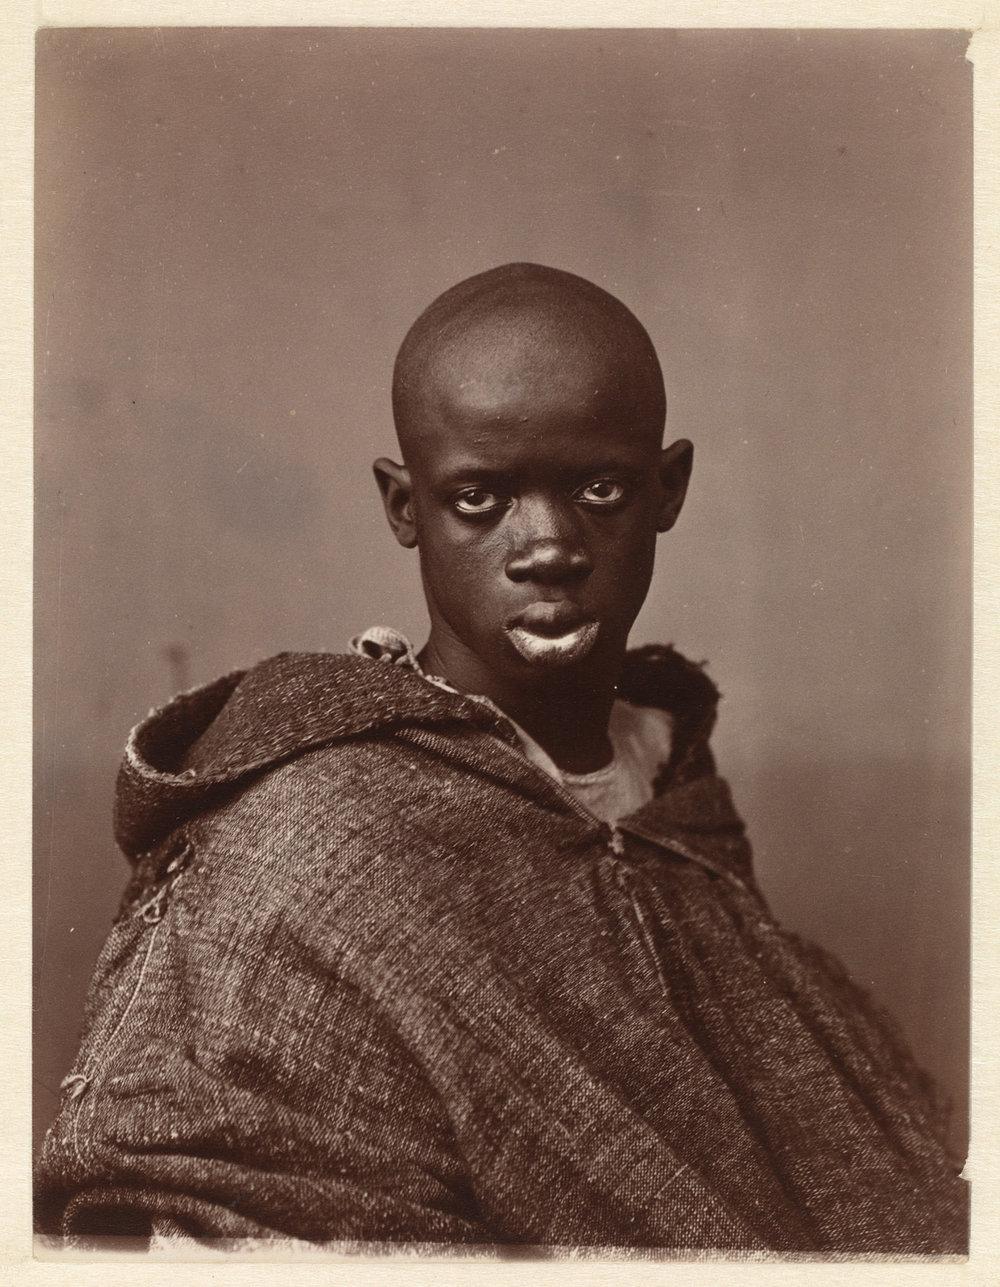 Antonio Cavilla, Portret van een Noord-Afrikaanse man, 1880(c)Rijksmuseum